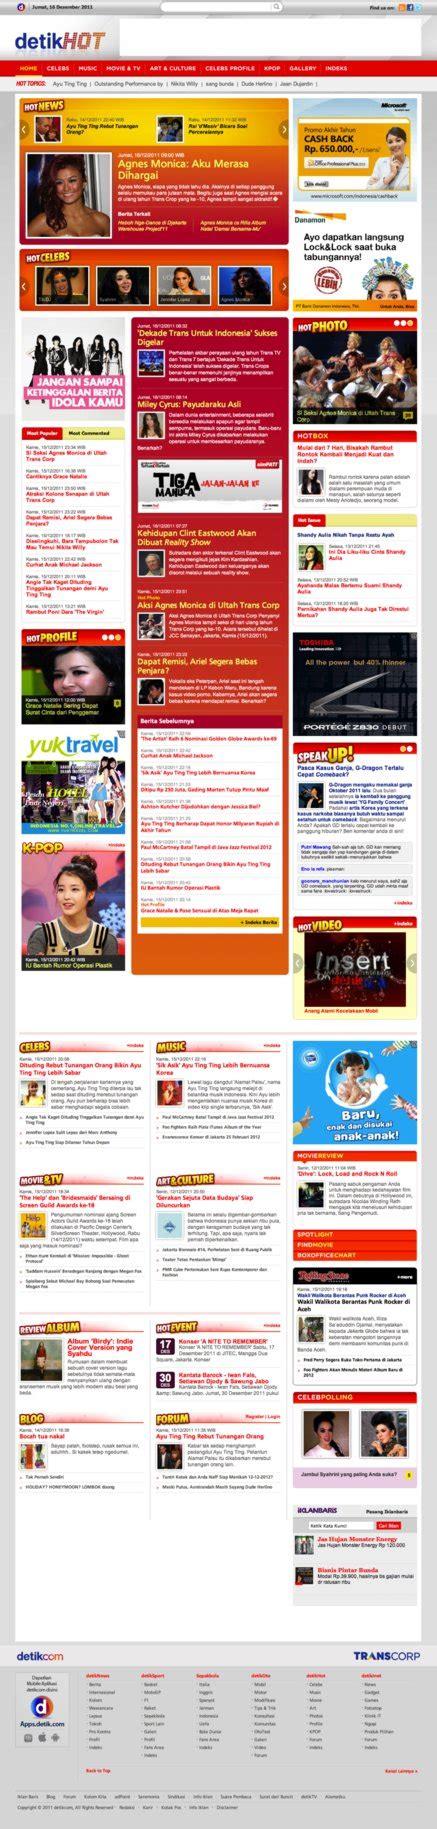 detikhot forum brand new detikhot of detikcom by danibravo15 on deviantart